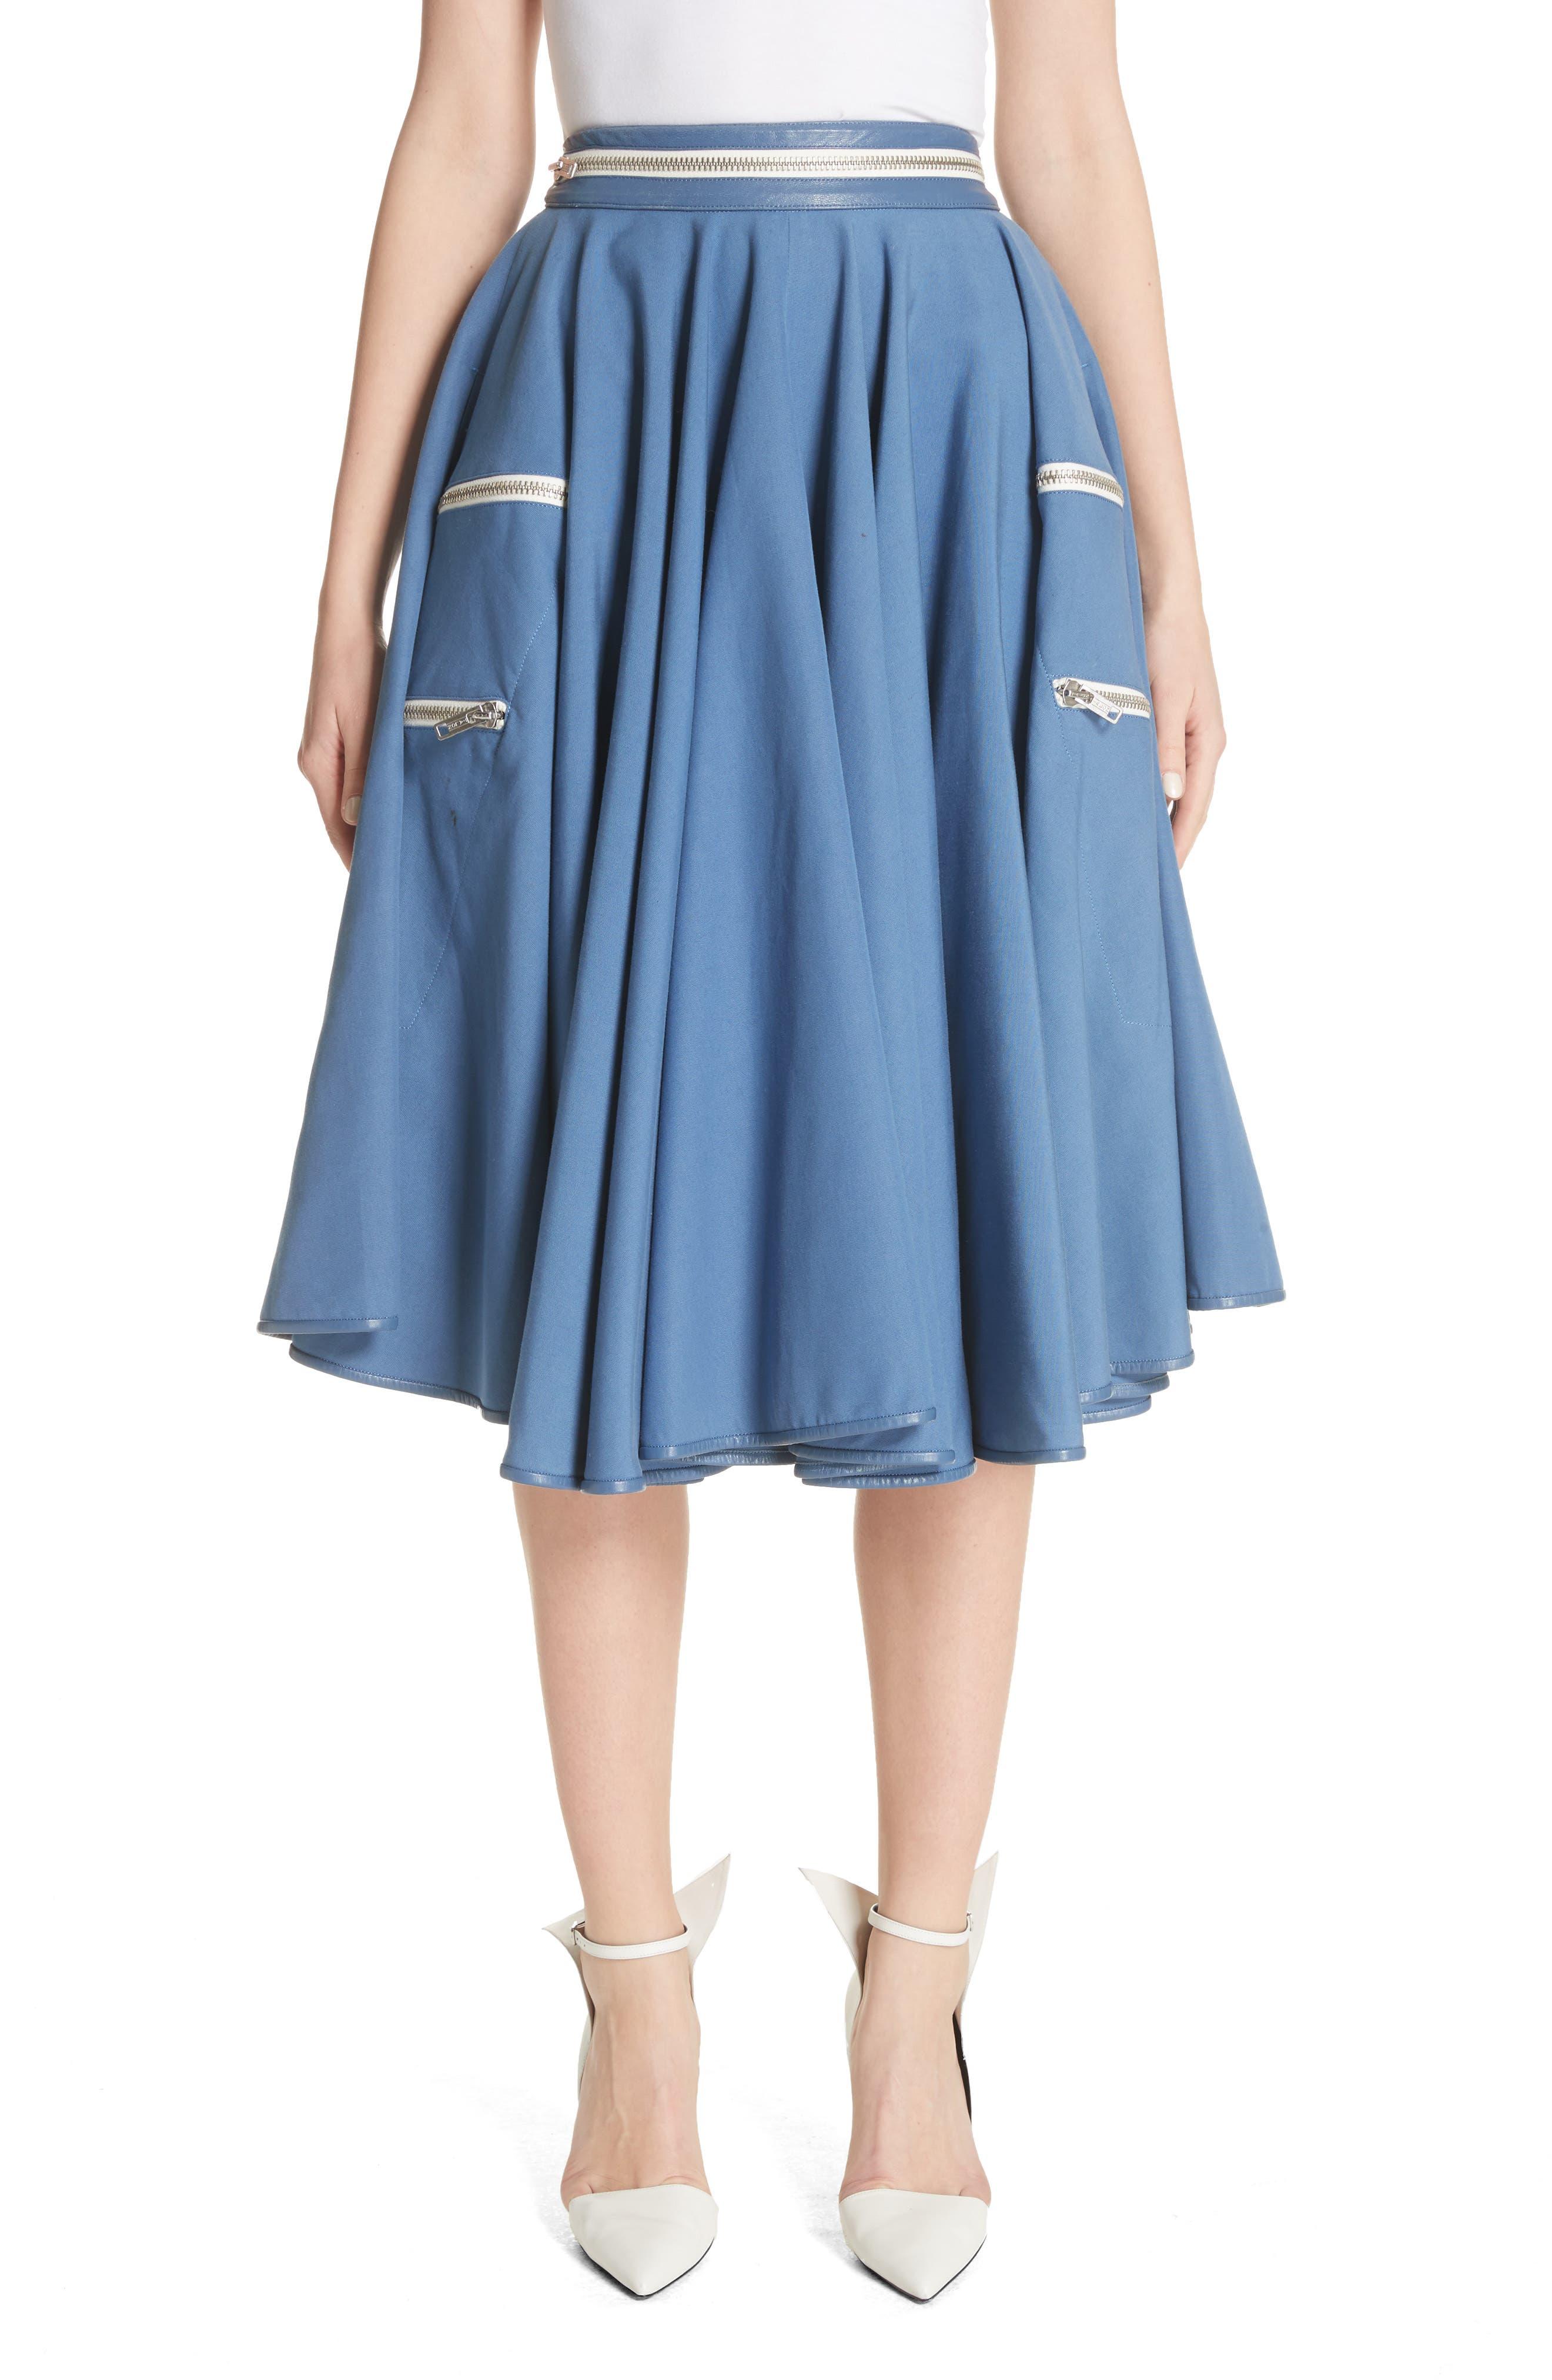 CALVIN KLEIN 205W39NYC Zip Detail Circle Skirt